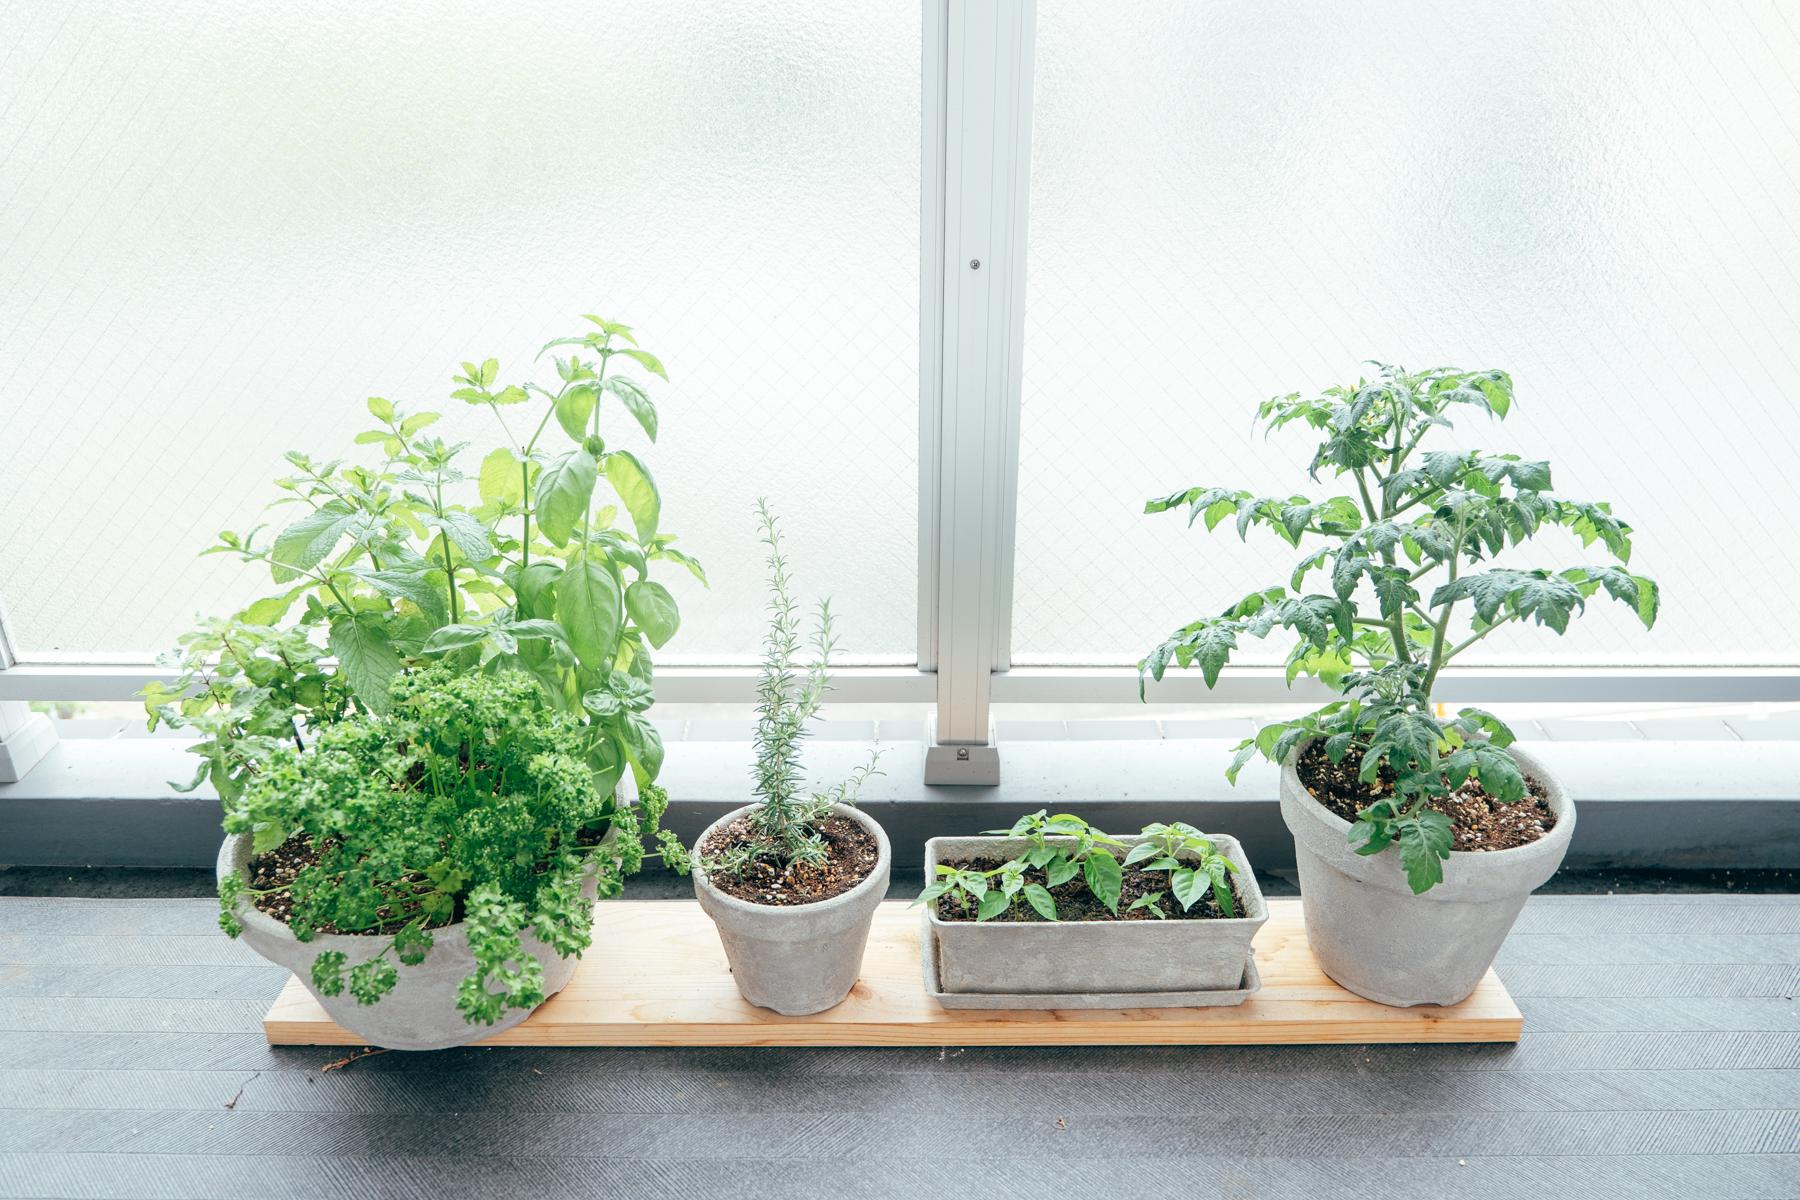 ベランダに作り始めた家庭菜園スペース。こちらはモルタル風に、ハナモリさんが塗られたものでした。統一感があって、これだけでもお洒落に見えます。